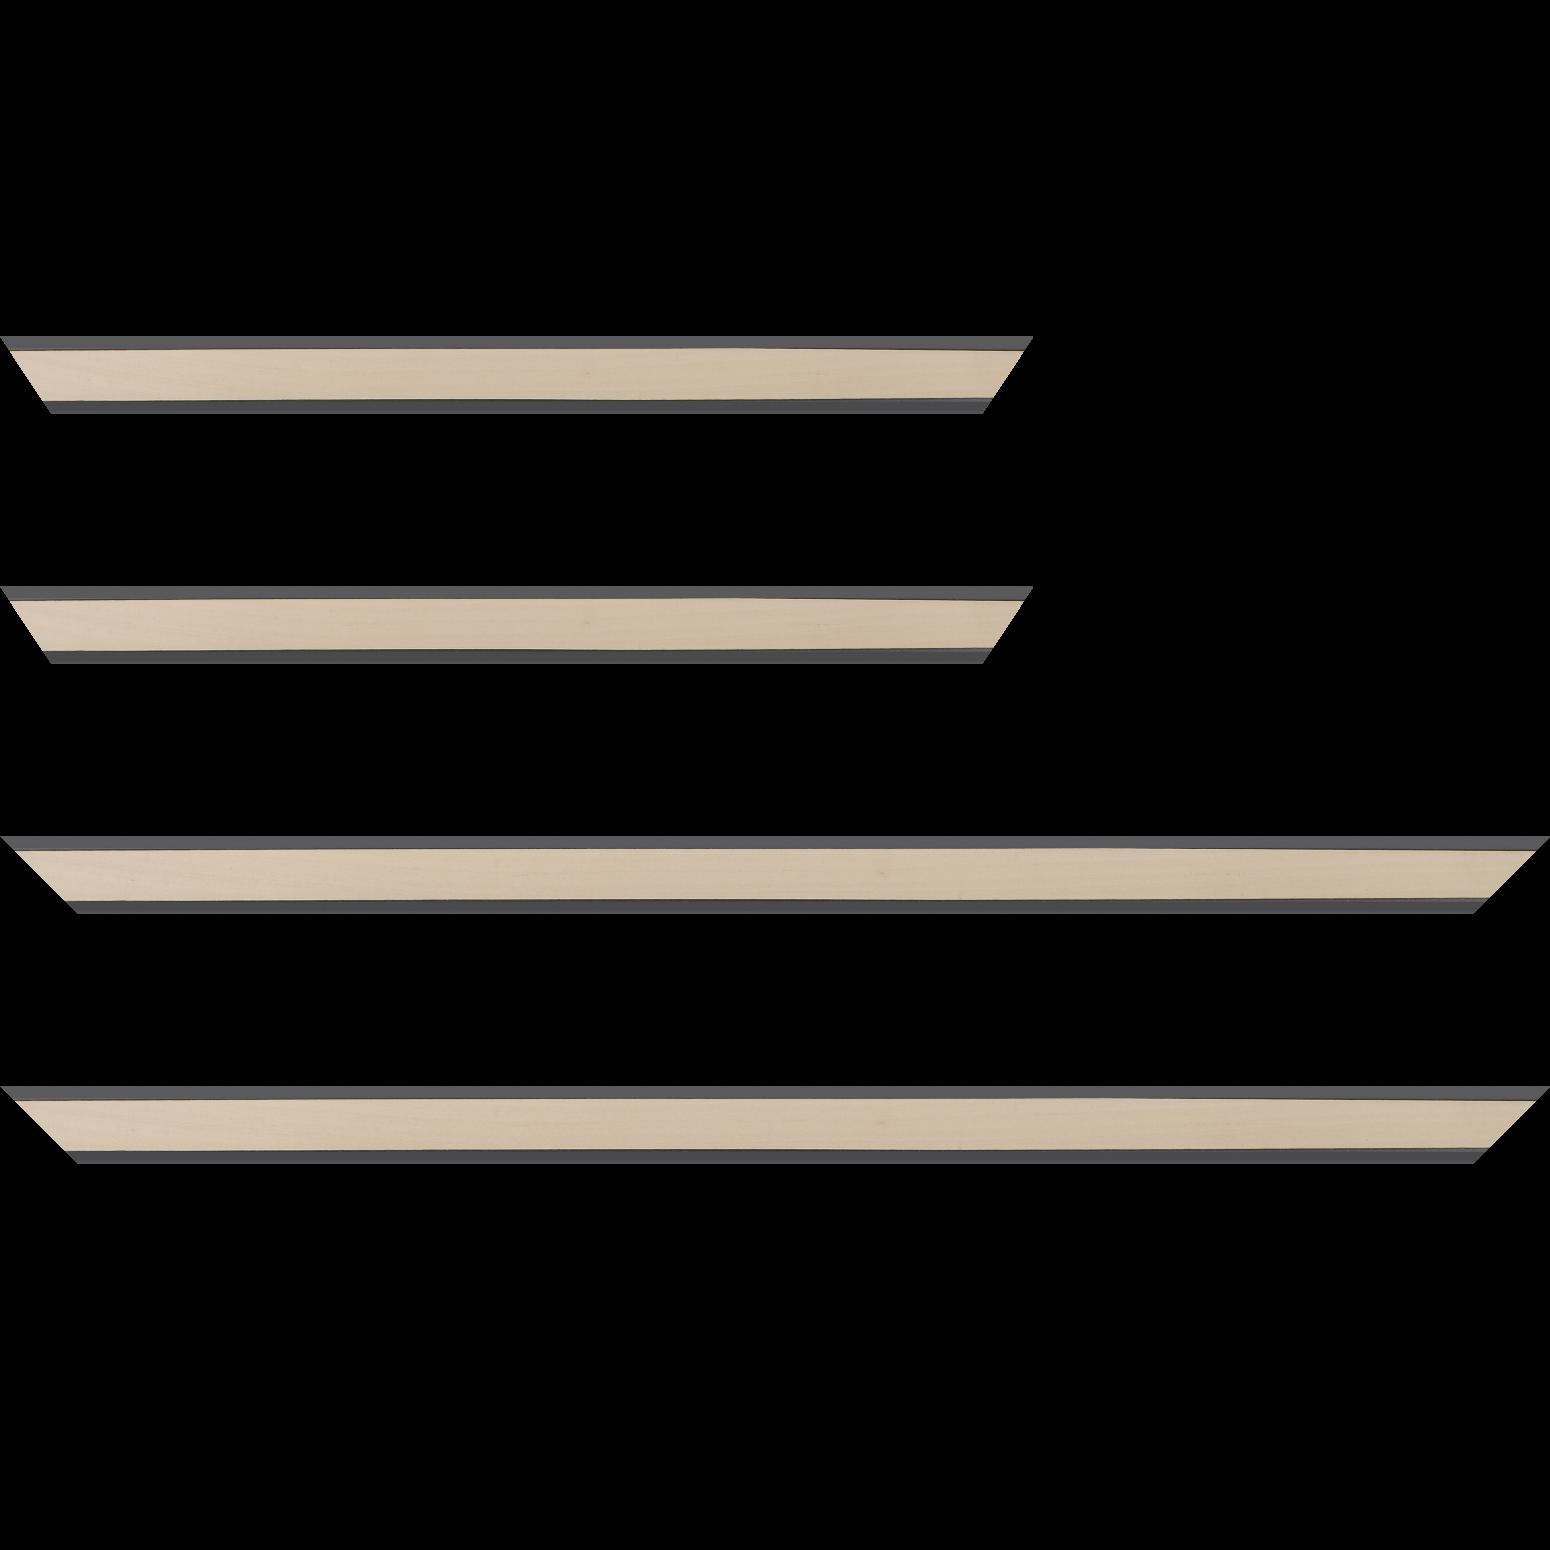 Baguette service précoupé Bois essence marupa profil plat largeur 2.5cm plaquage érable teinté coquille d'œuf,  filet intérieur et extérieur gris foncé